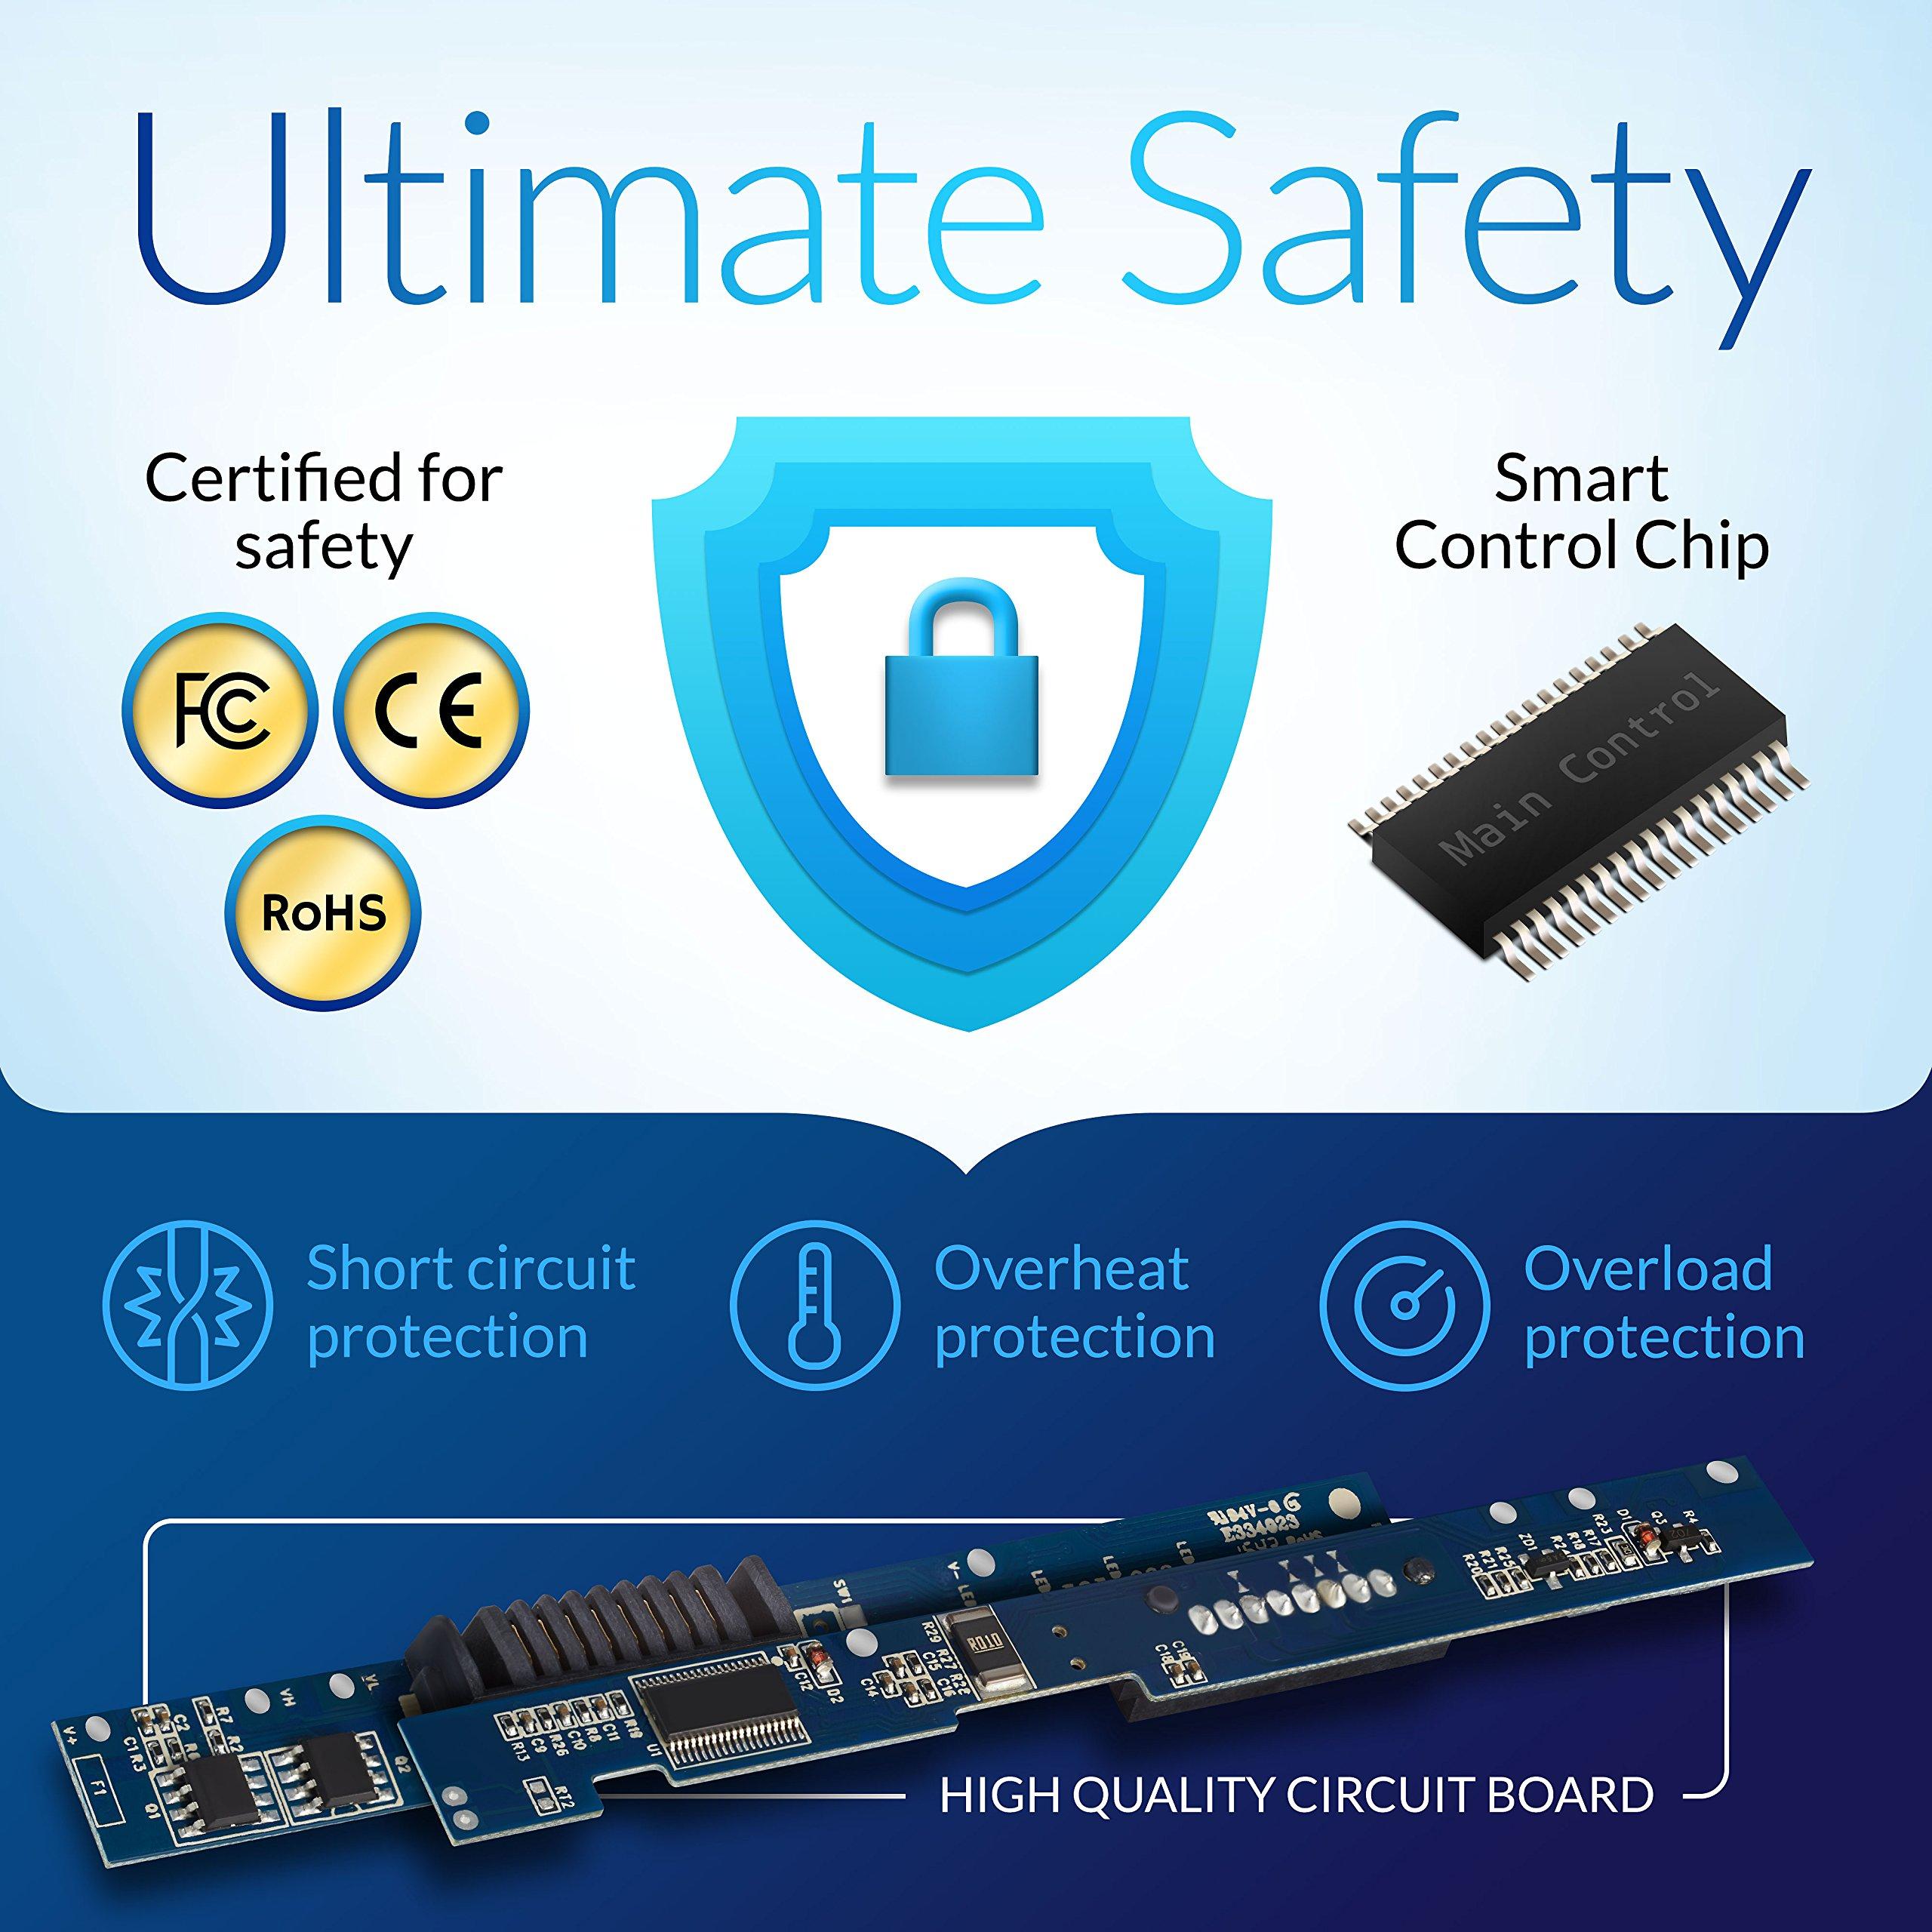 NinjaBatt Laptop Battery for HP VI04 756743-001 756745-001 756744-001 756478-851 ProBook 440 G2 450 G2 756478-421 756478-421 756478-422 756479-421 HSTNN-LB6I Envy 14 15 17 - [4 Cells/2200mAh] by NinjaBatt (Image #5)